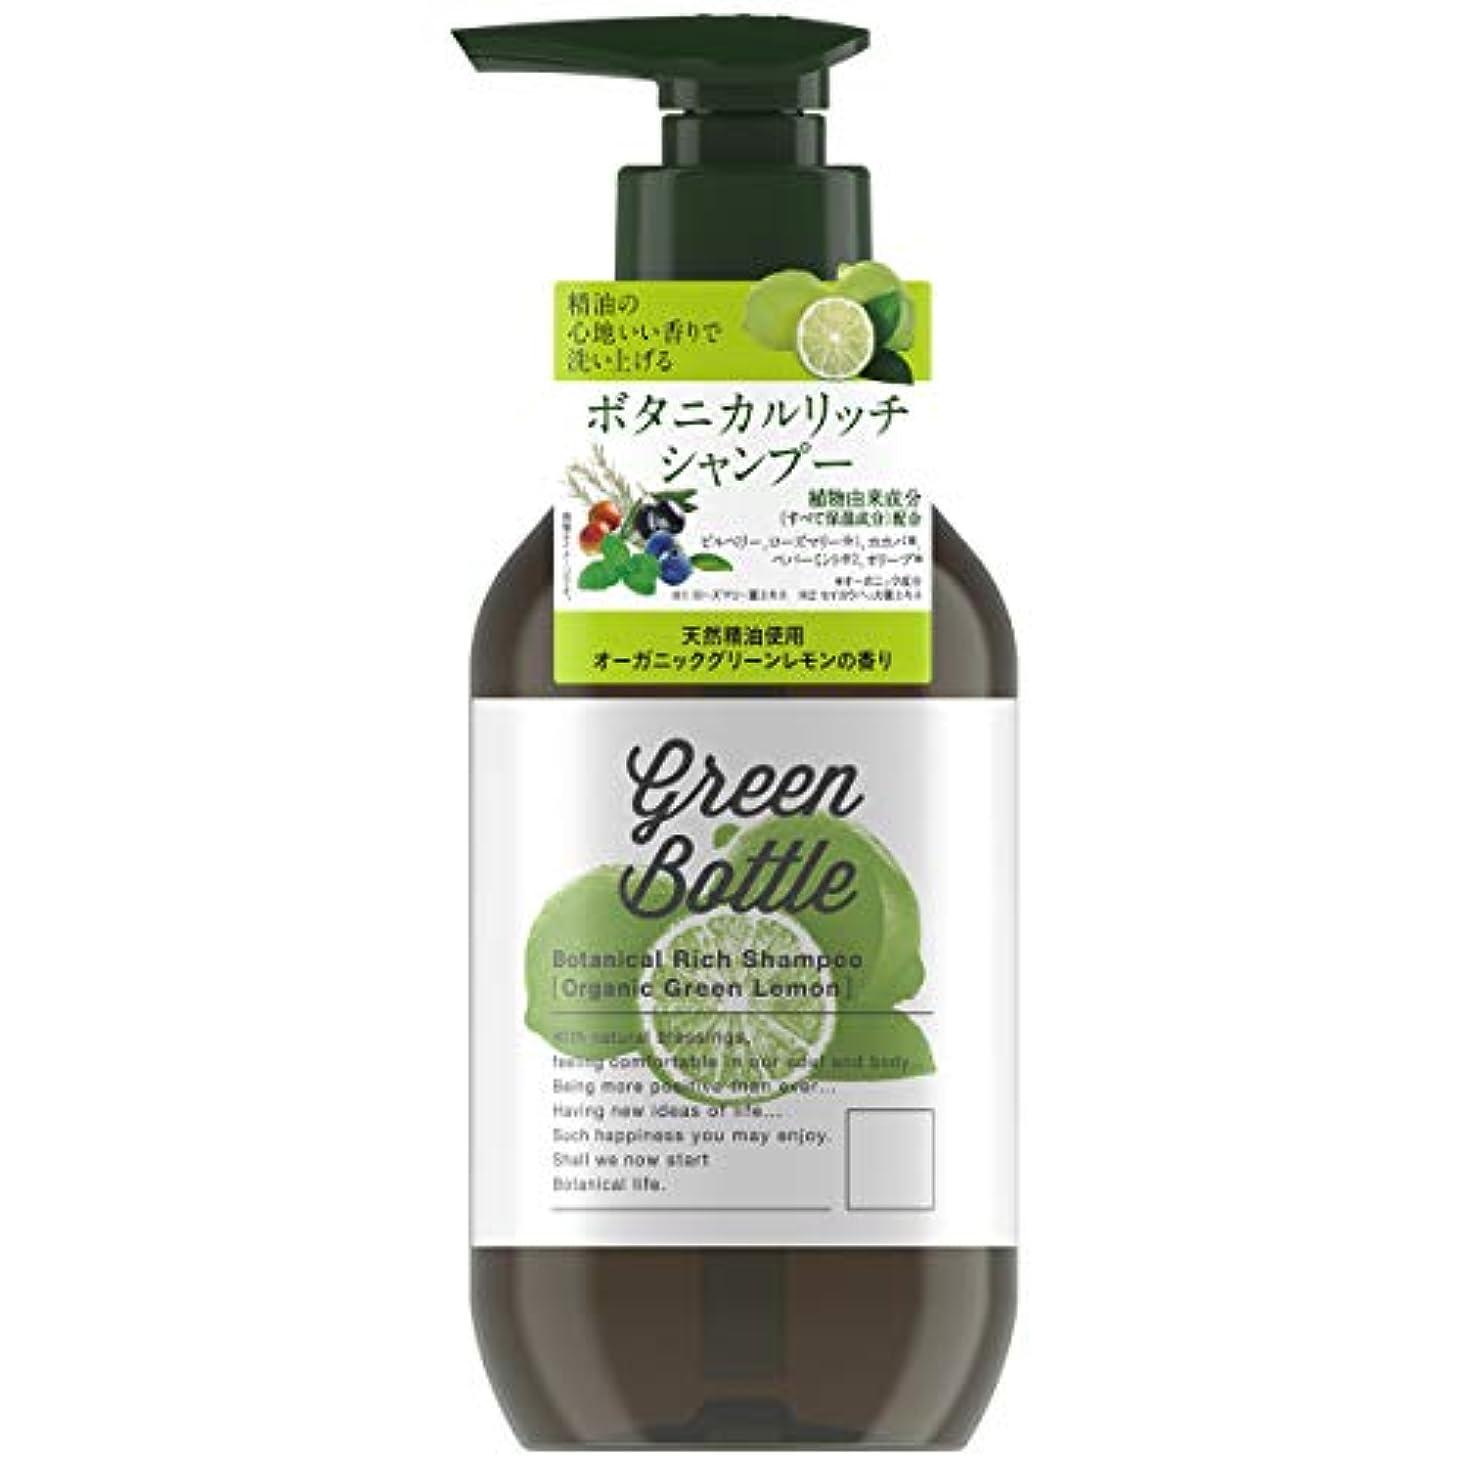 種をまくサーバ頬グリーンボトルボタニカルリッチシャンプー(オーガニックグリーンレモンの香り) 490ml